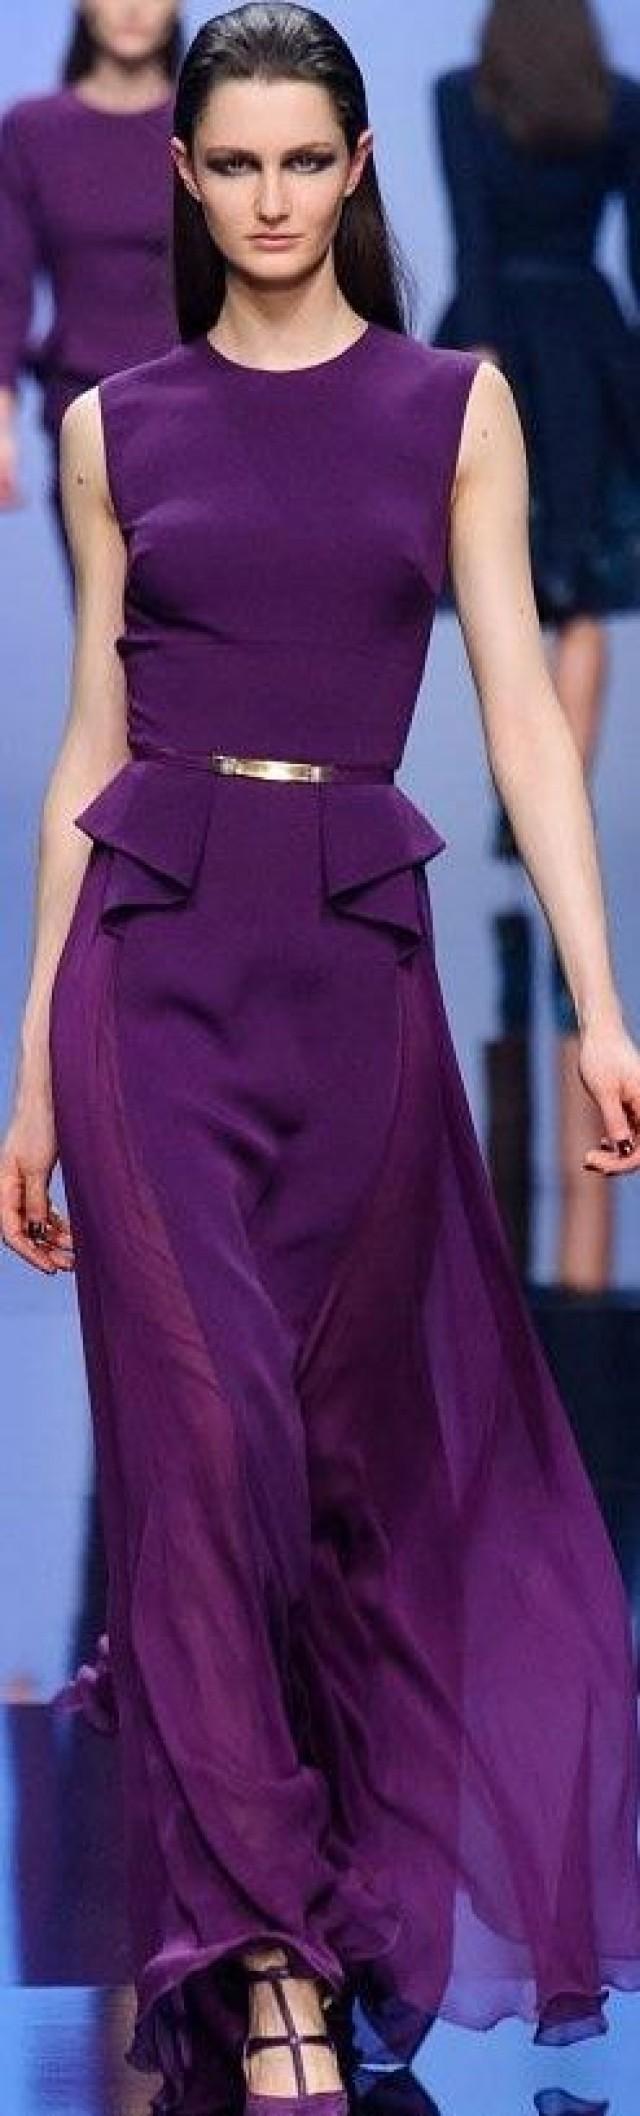 Elie Saab purple